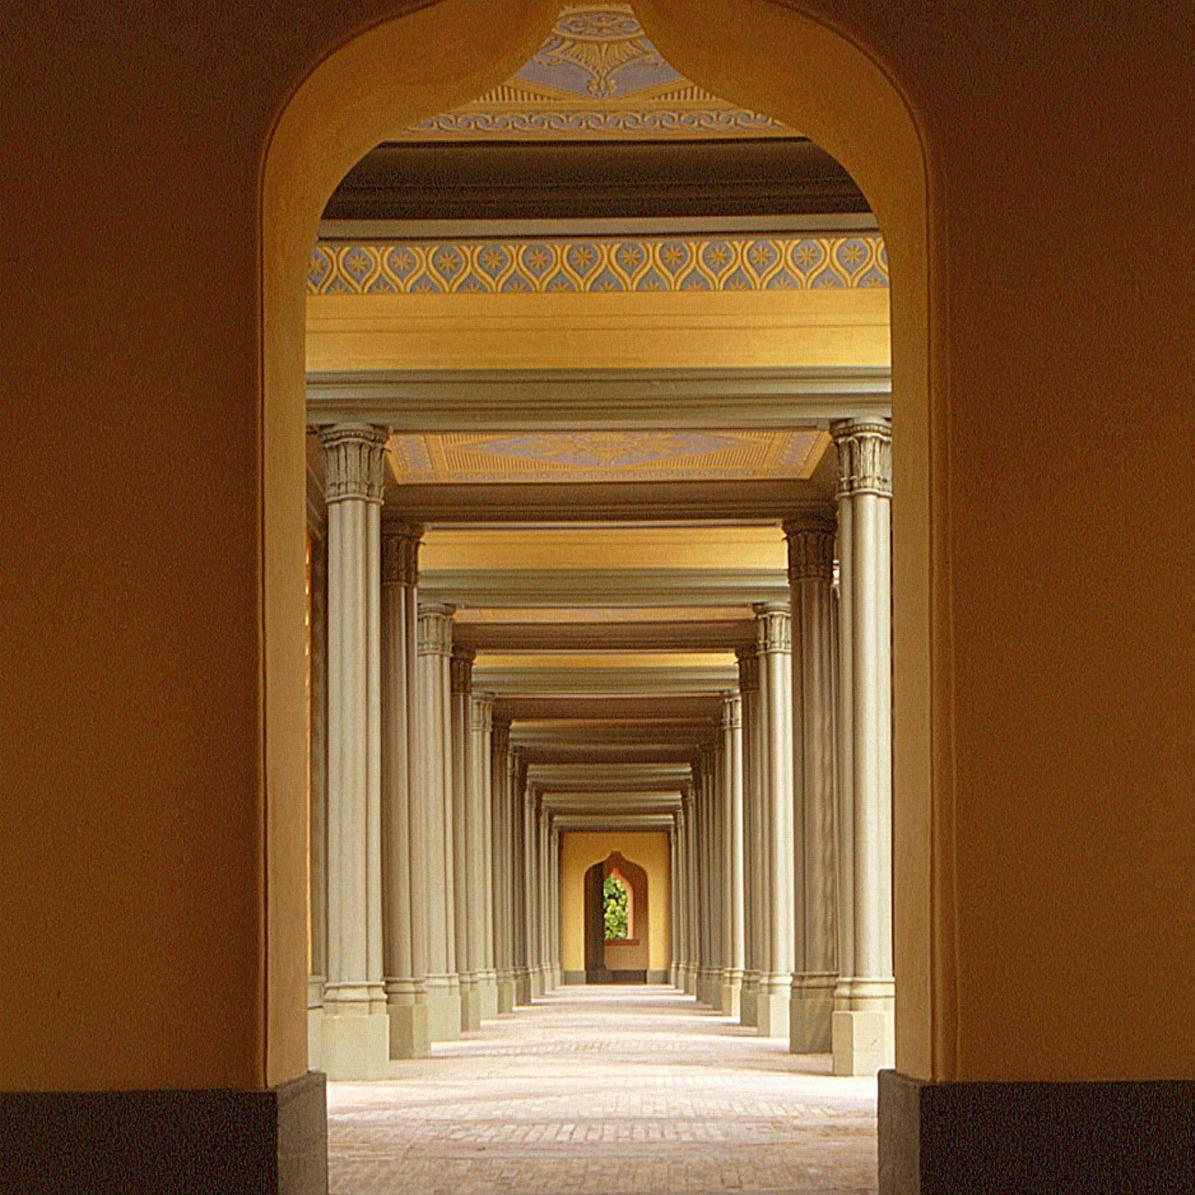 Kreuzgang der Moschee im Schlossgarten von Schloss Schwetzingen; Foto: Staatliche Schlösser und Gärten Baden-Württemberg, Steffen Hauswirth